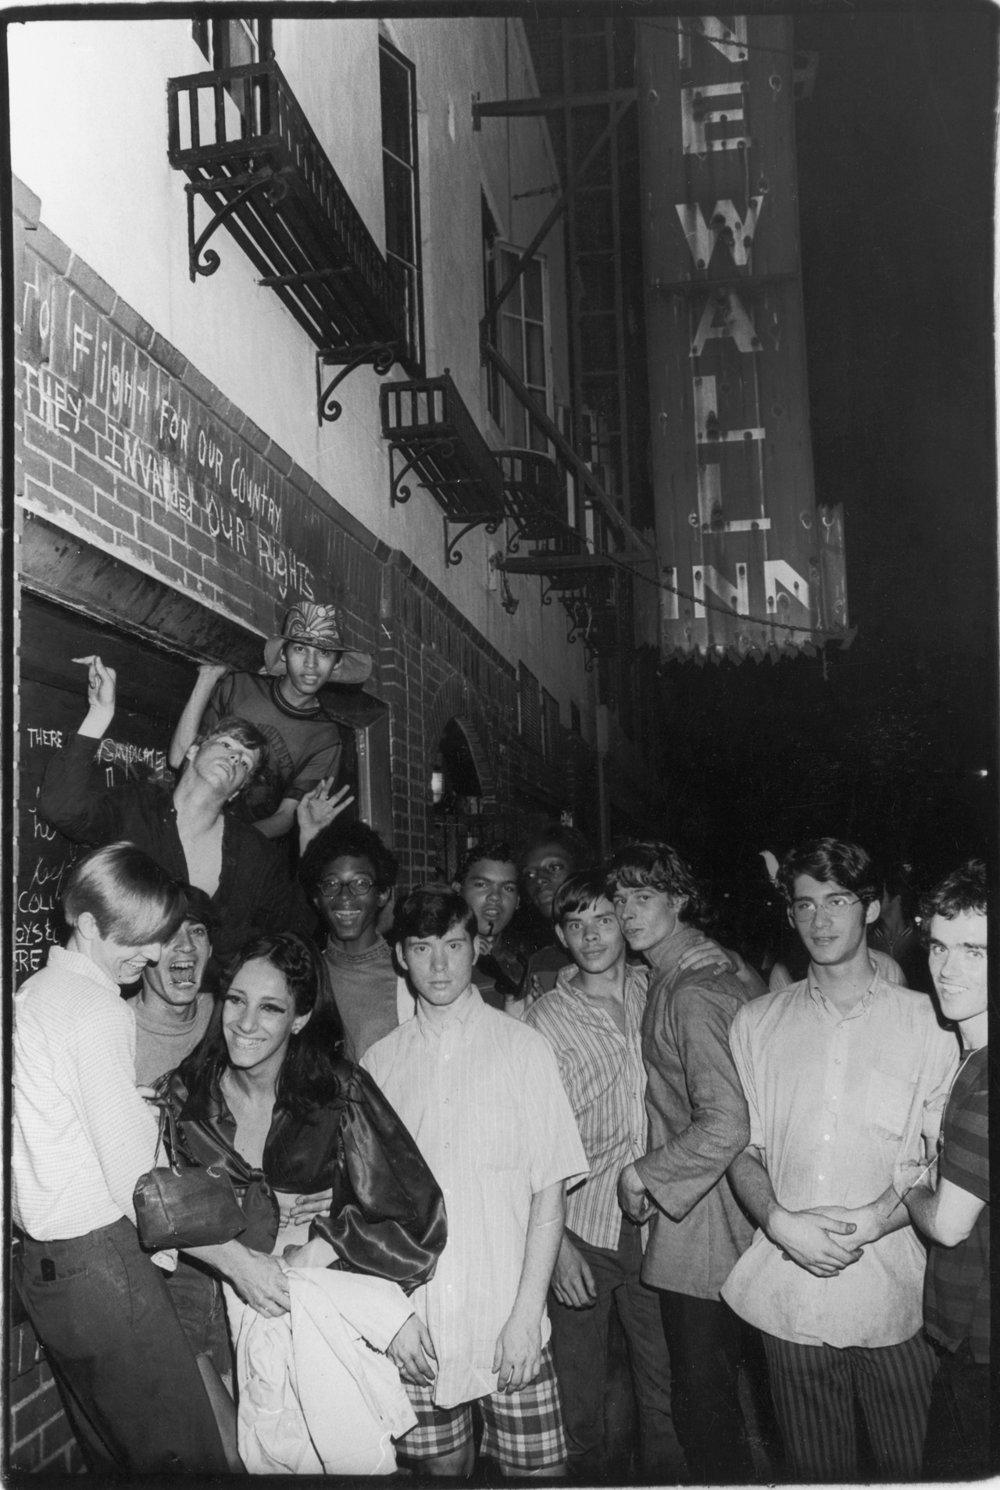 Фото: Фред У. МакДаррах святкування після бунту